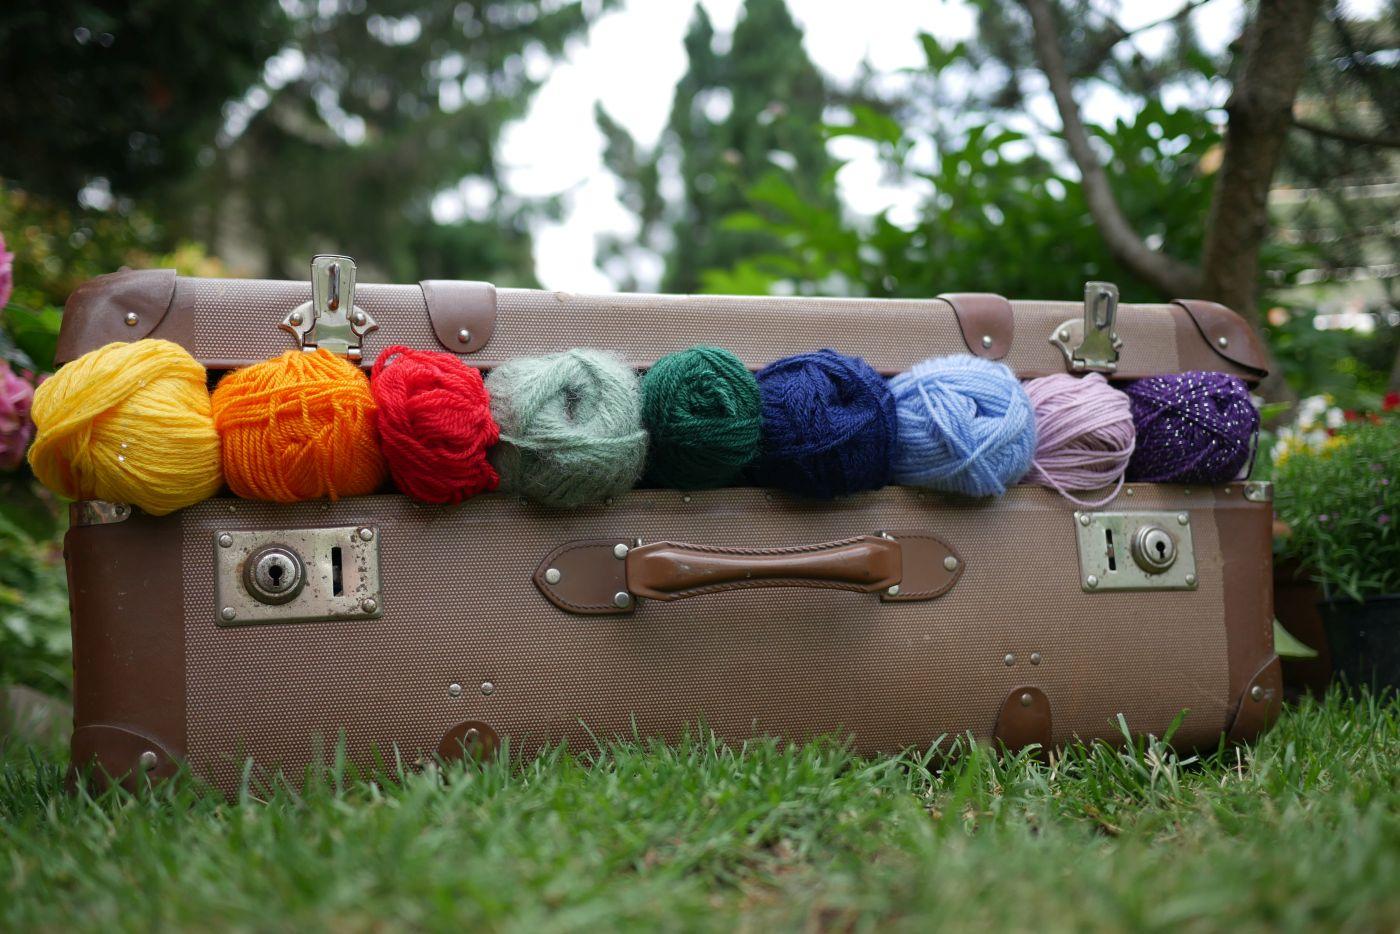 Ein Koffer Voll Wolle